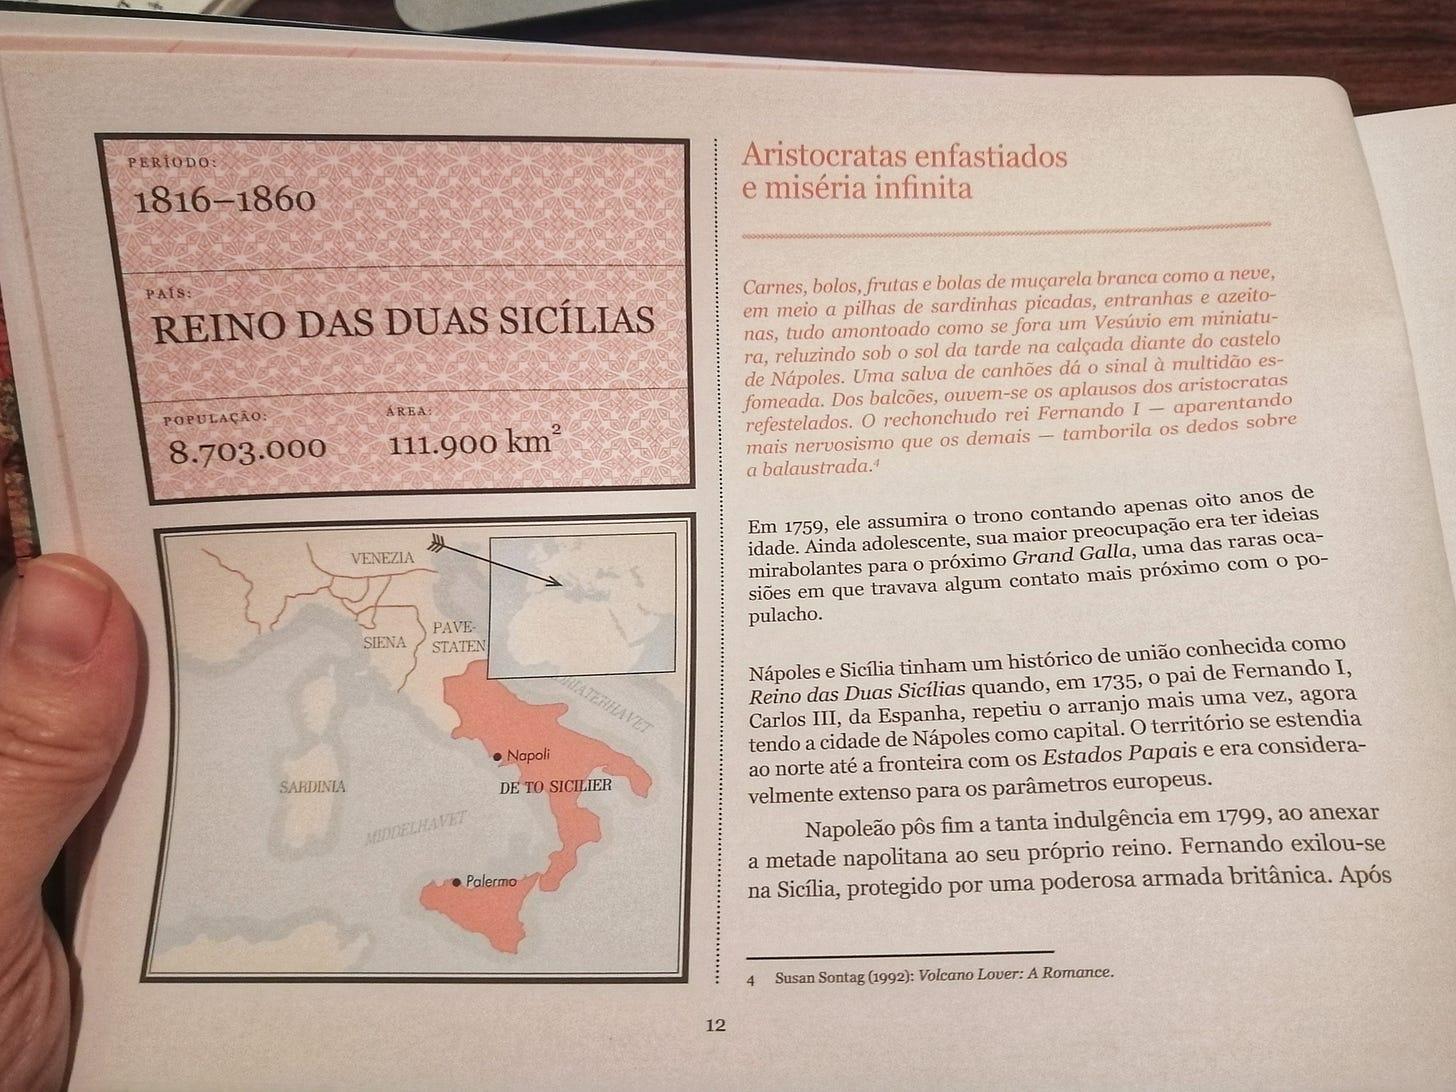 """Página do livro """"Lugar nenhum: um atlas de países que deixaram de existir"""" mostra mapa e informações do Reino das Duas Sicílias, que durou de 1816 a 1860."""